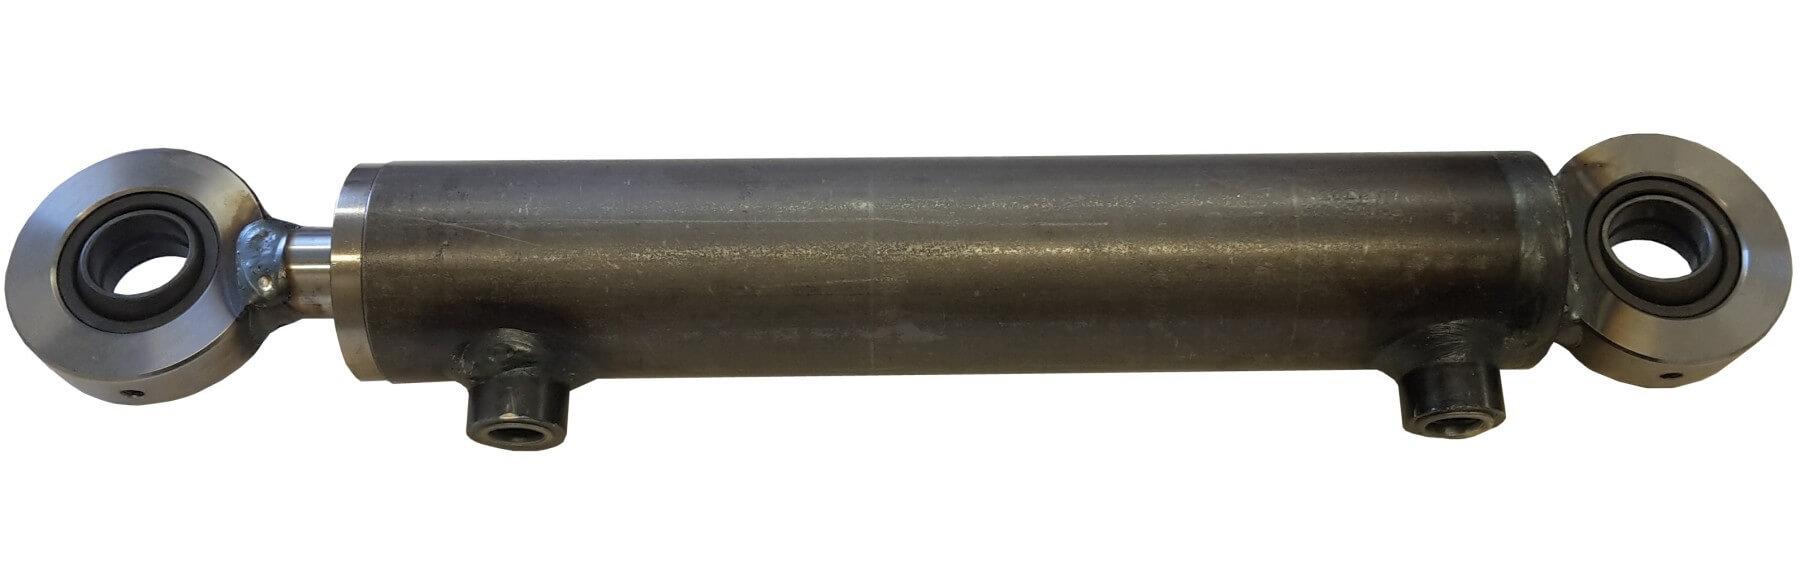 Hydraulisylinteri CL 100. 60. 600 GE - Kailatec Oy Verkkokauppa